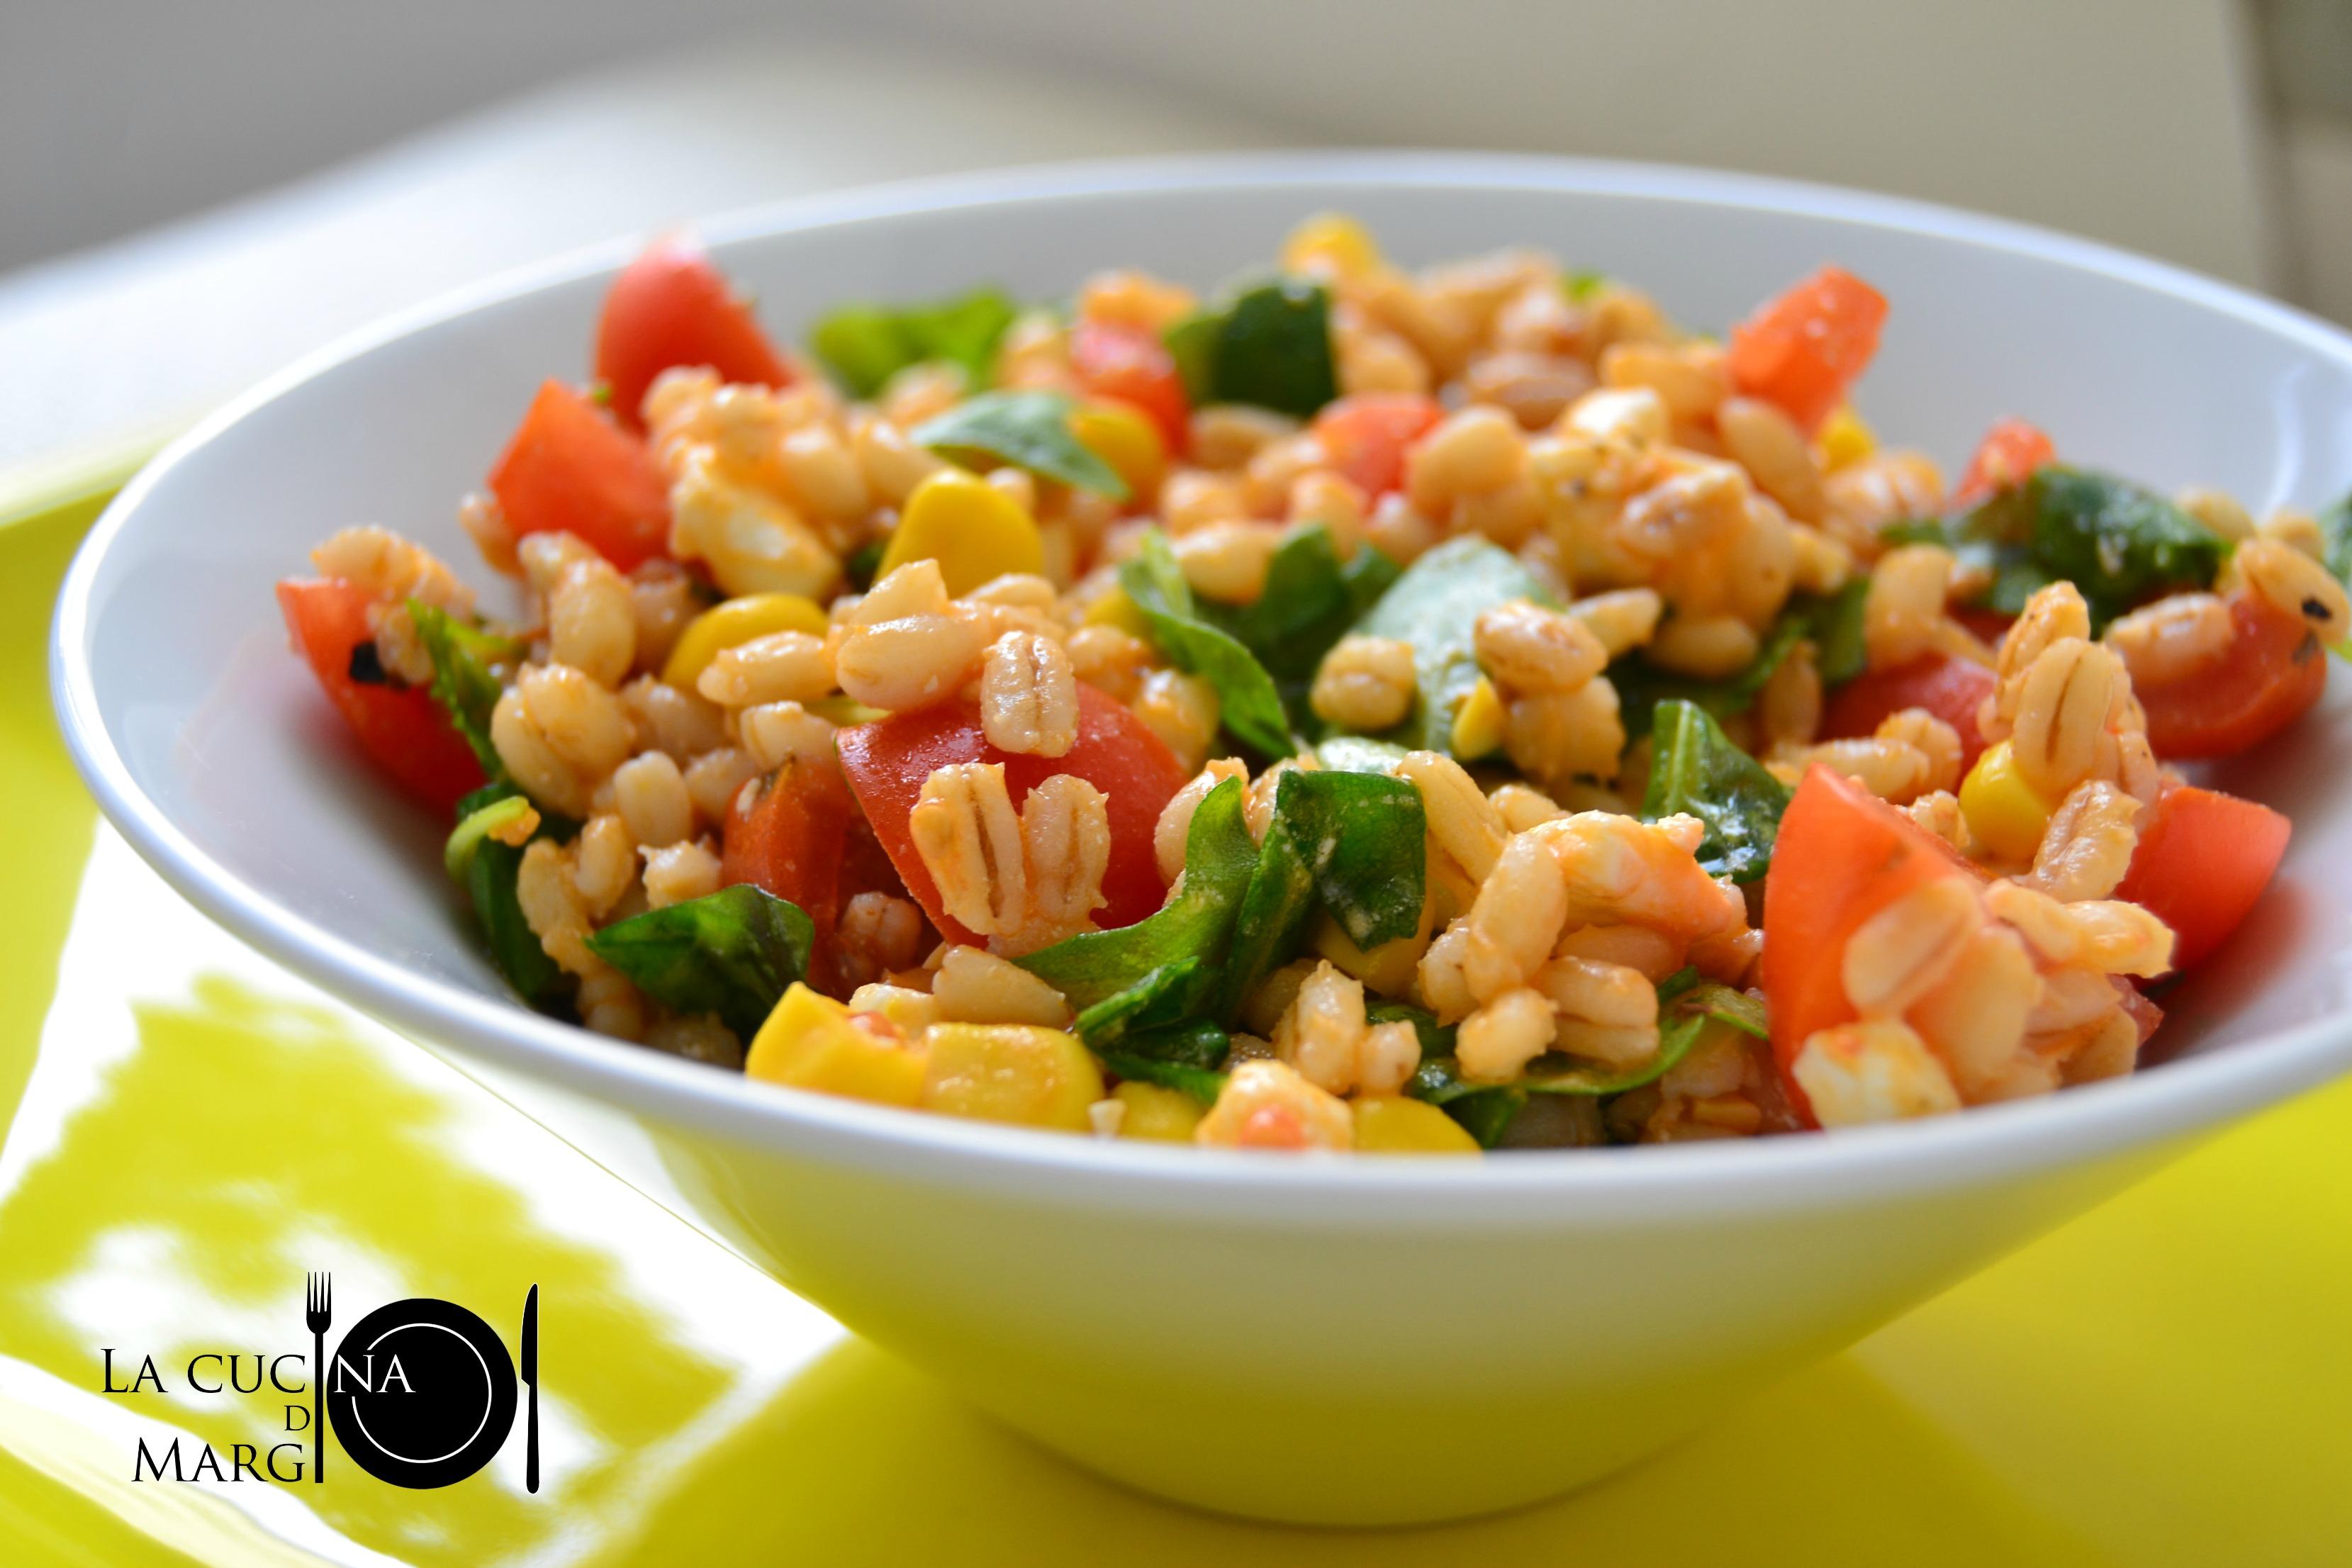 Ricette Orzo Vegetariano.Insalata D Orzo Perlato 02 Logo Dsc 0084 La Cucina Di Margi